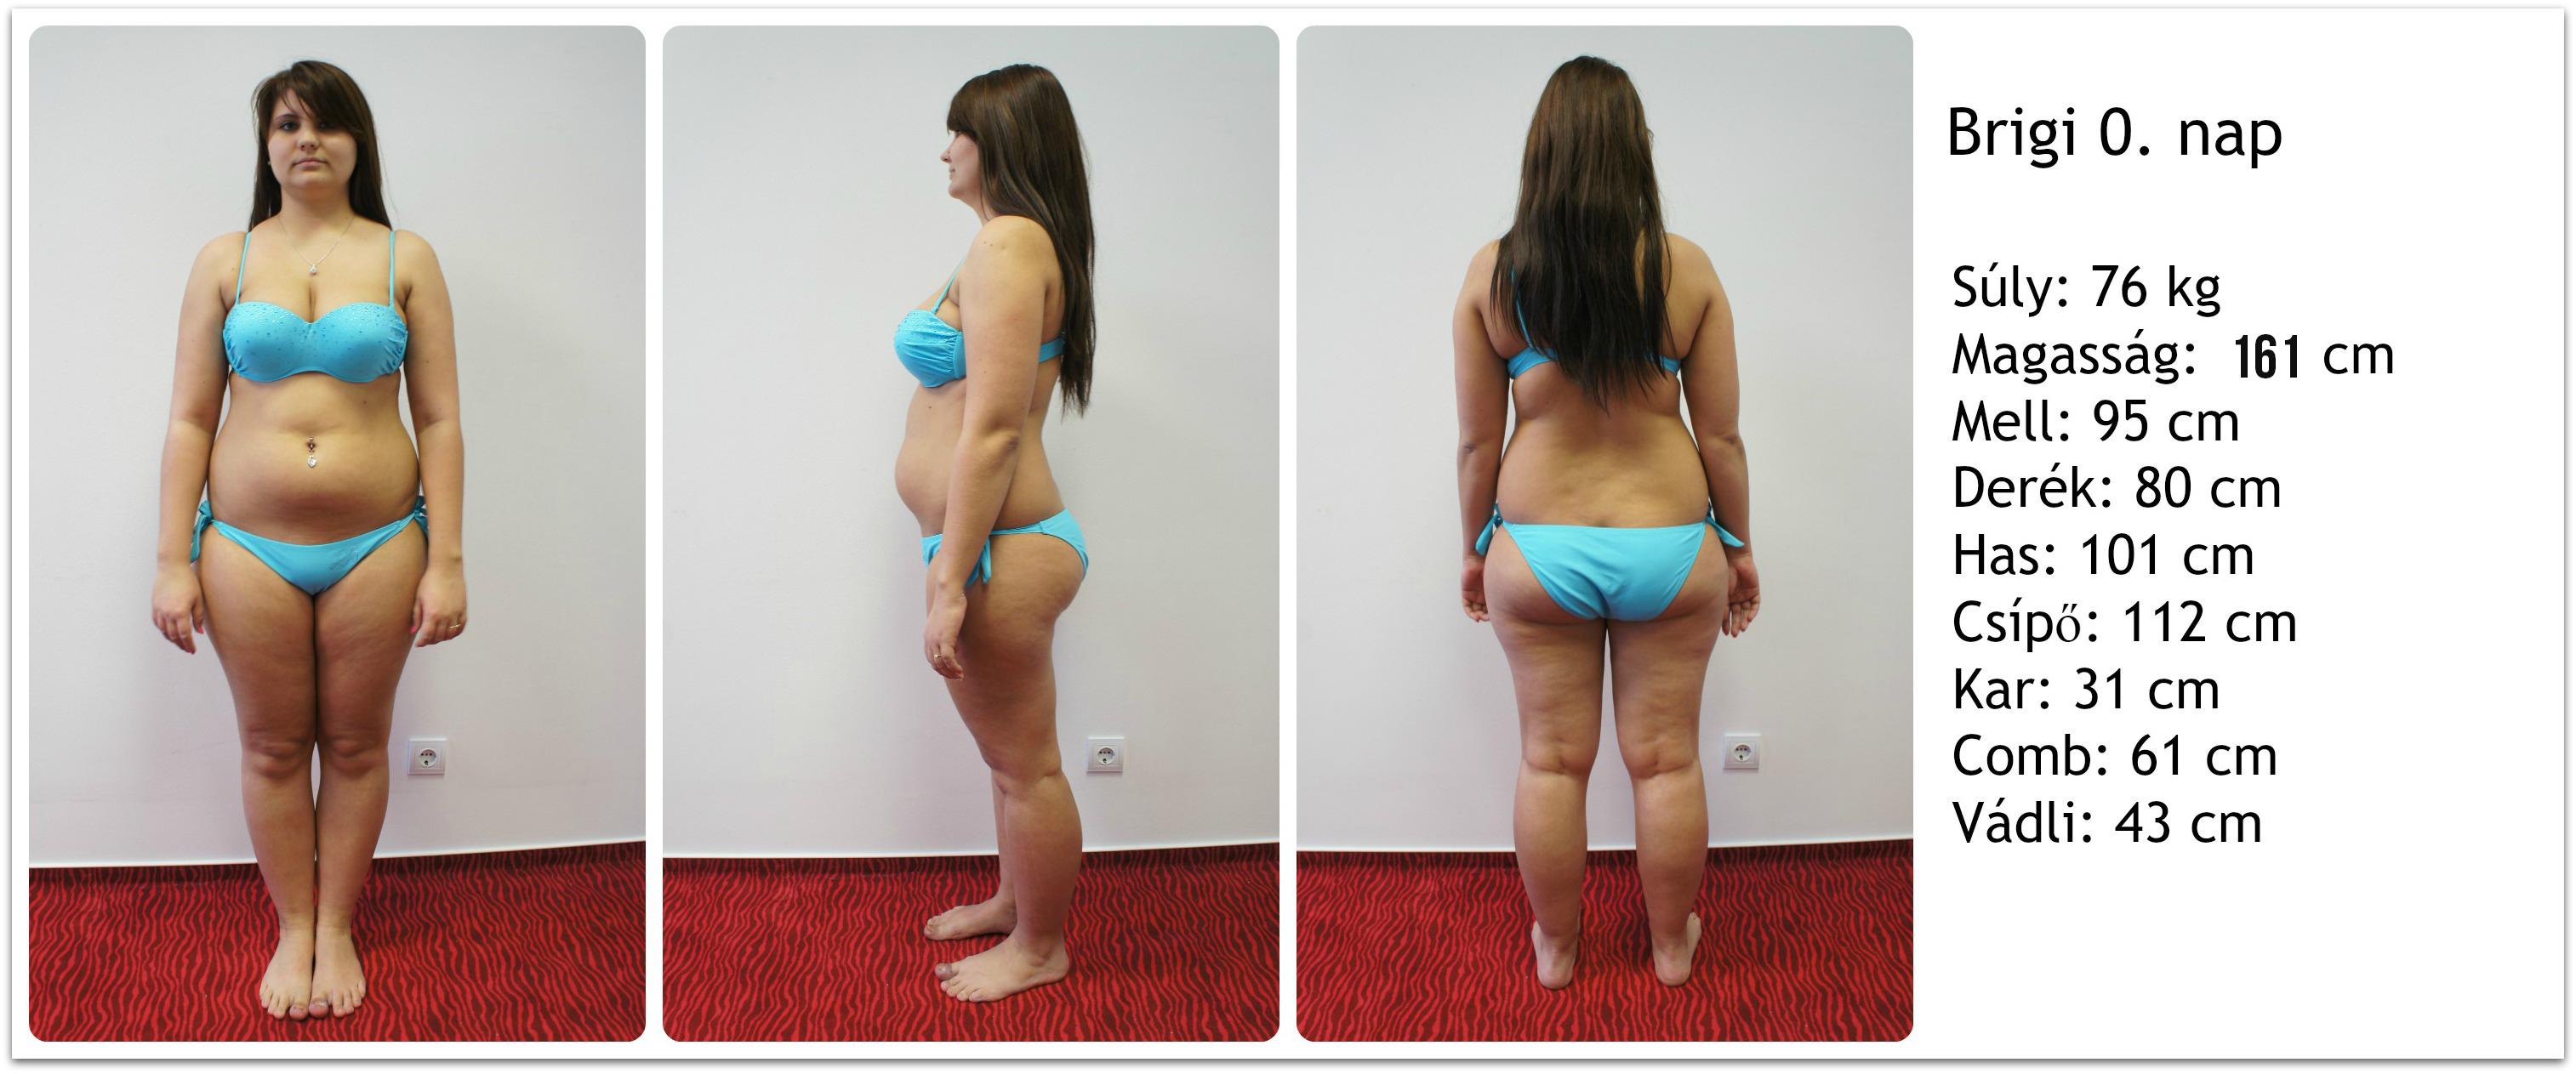 5 kg súlycsökkenés 6 hét alatt